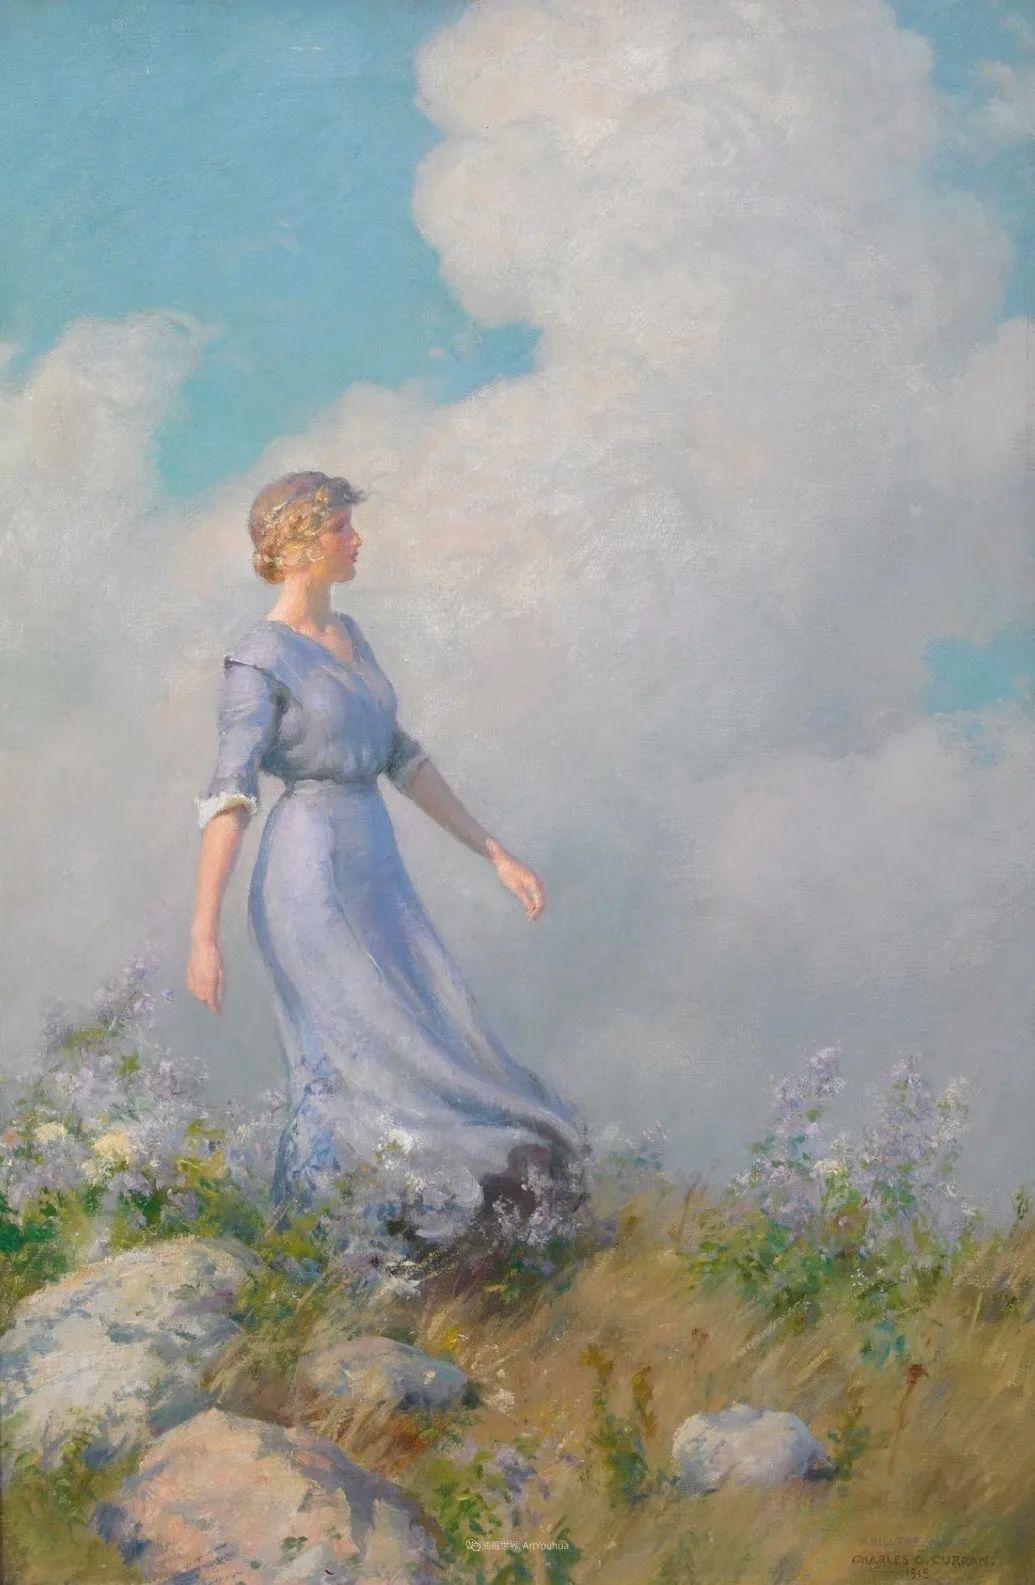 他画笔下的女人, 犹如春天的茉莉花, 清香、娇艳而不失典雅!插图77